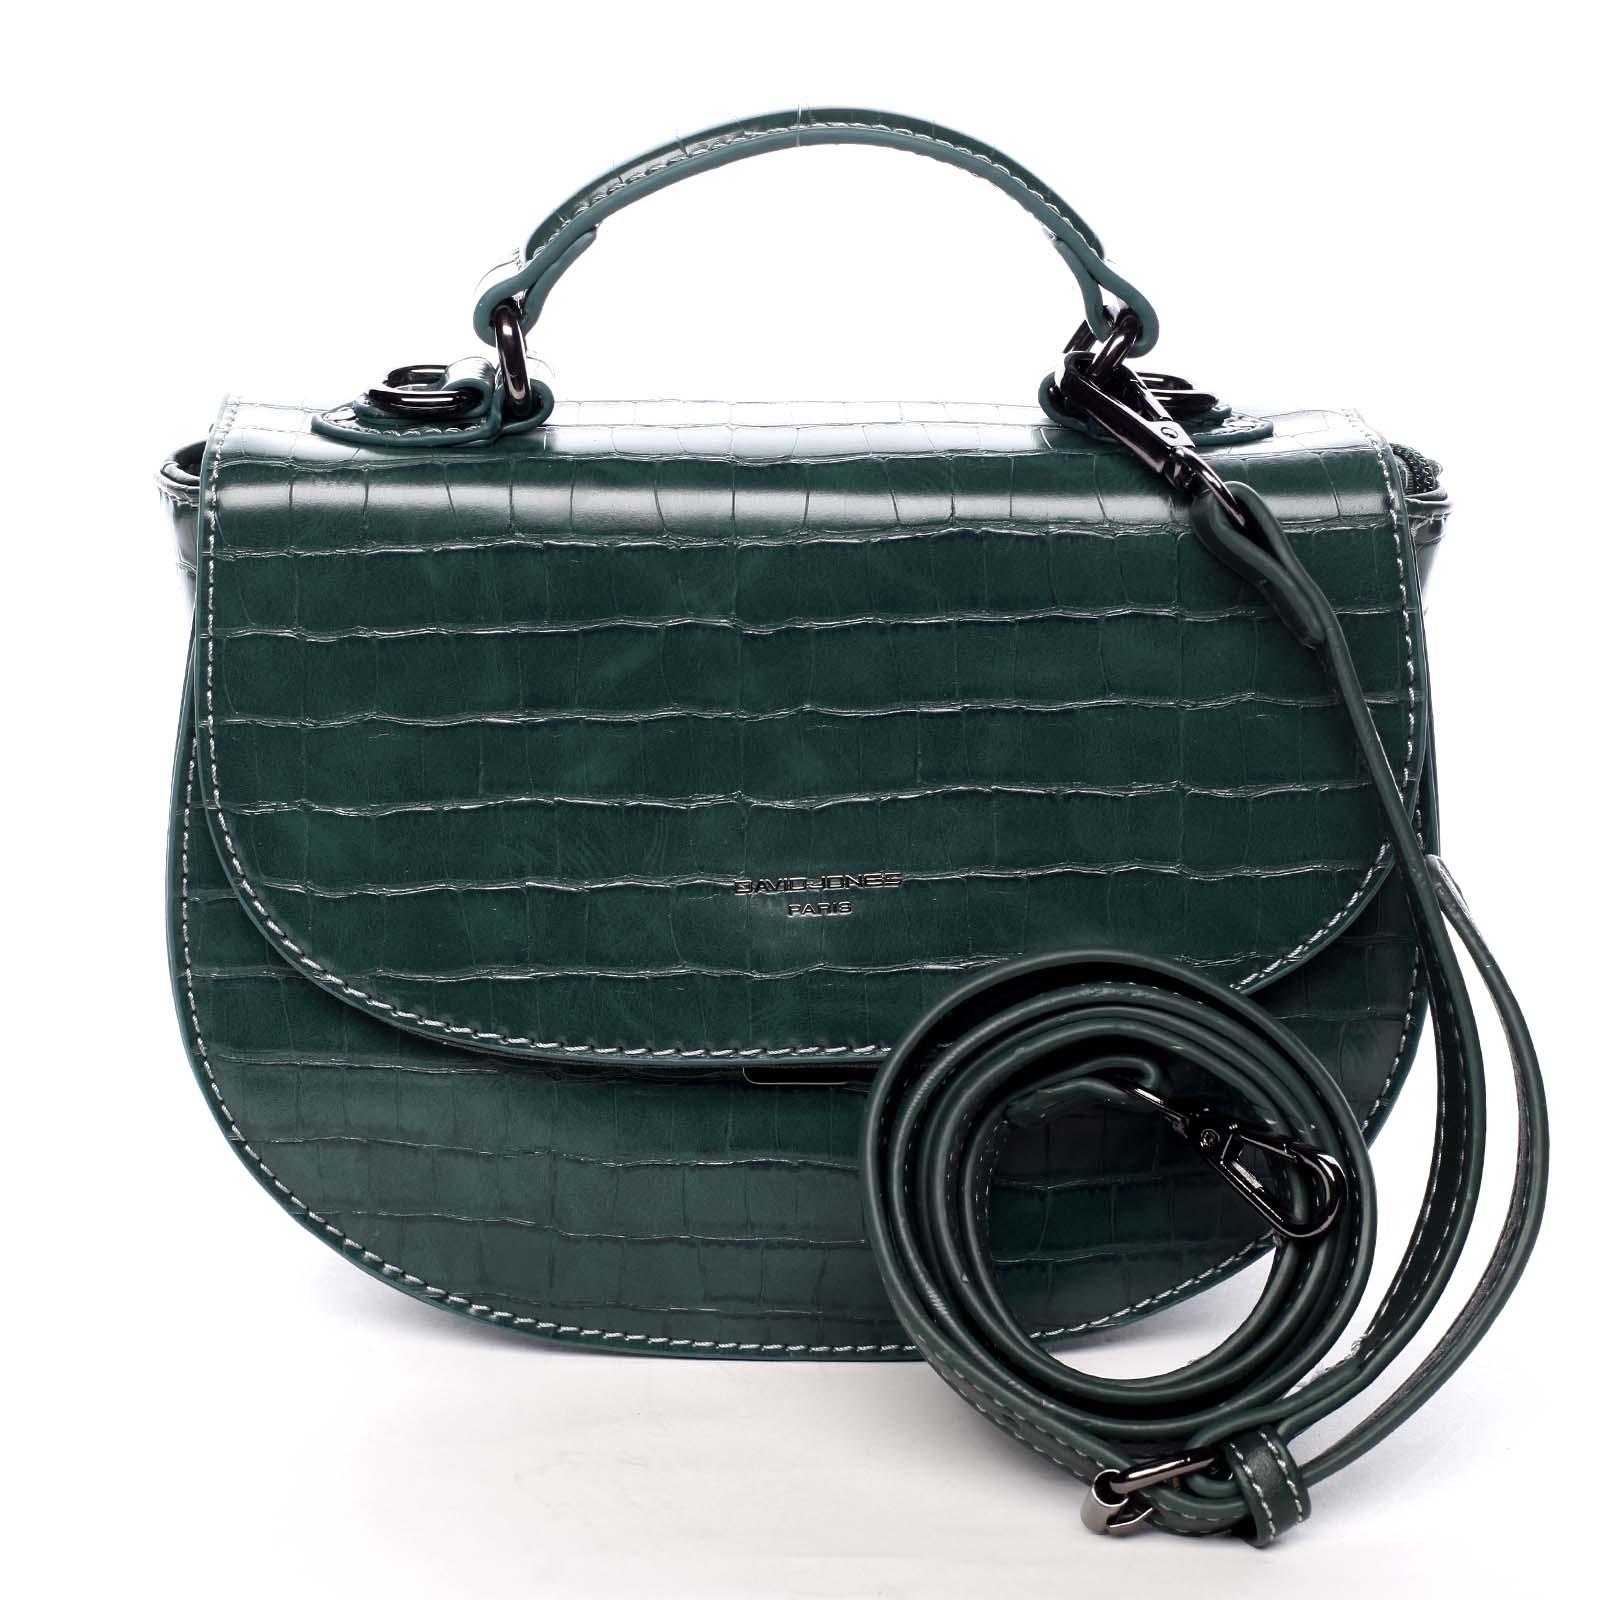 Dámská kabelka do ruky zelená - David Jones Cosette